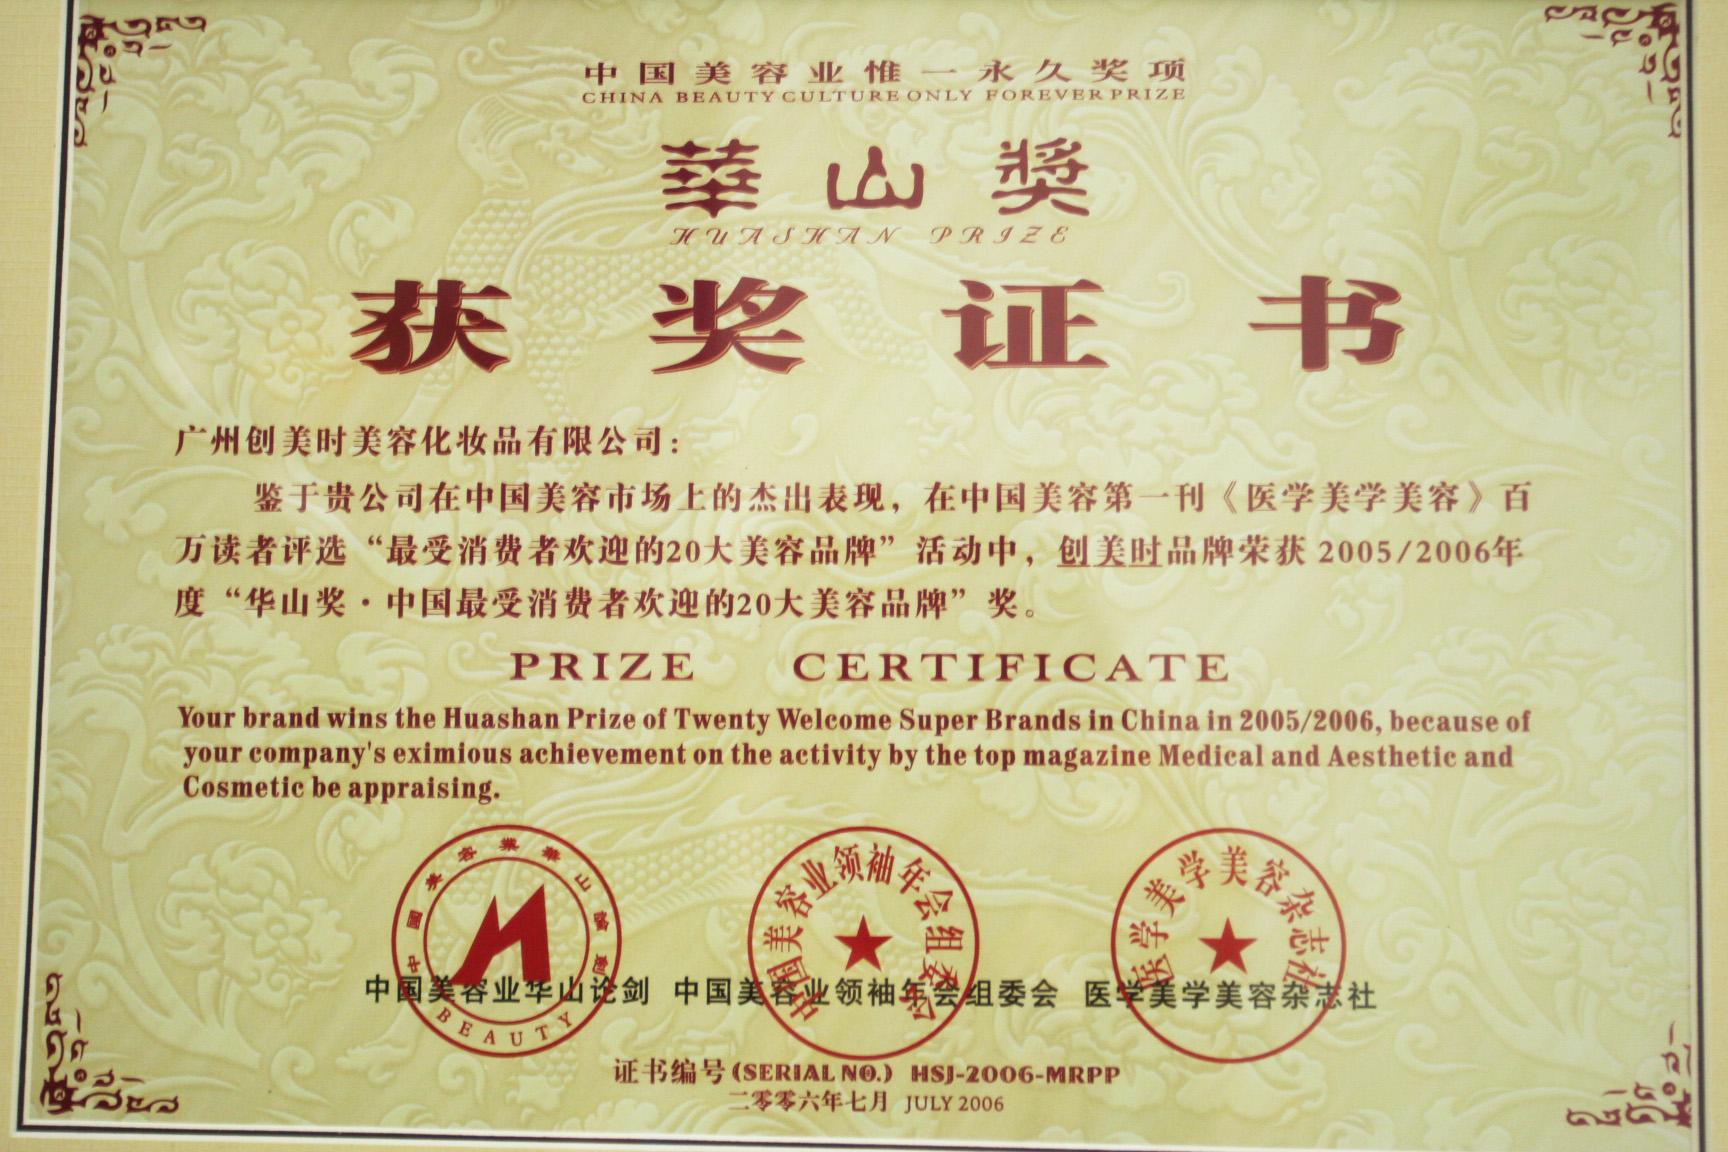 """2005-2006年度""""华山奖·中国最受消费者欢迎的20大美容品牌""""证书"""